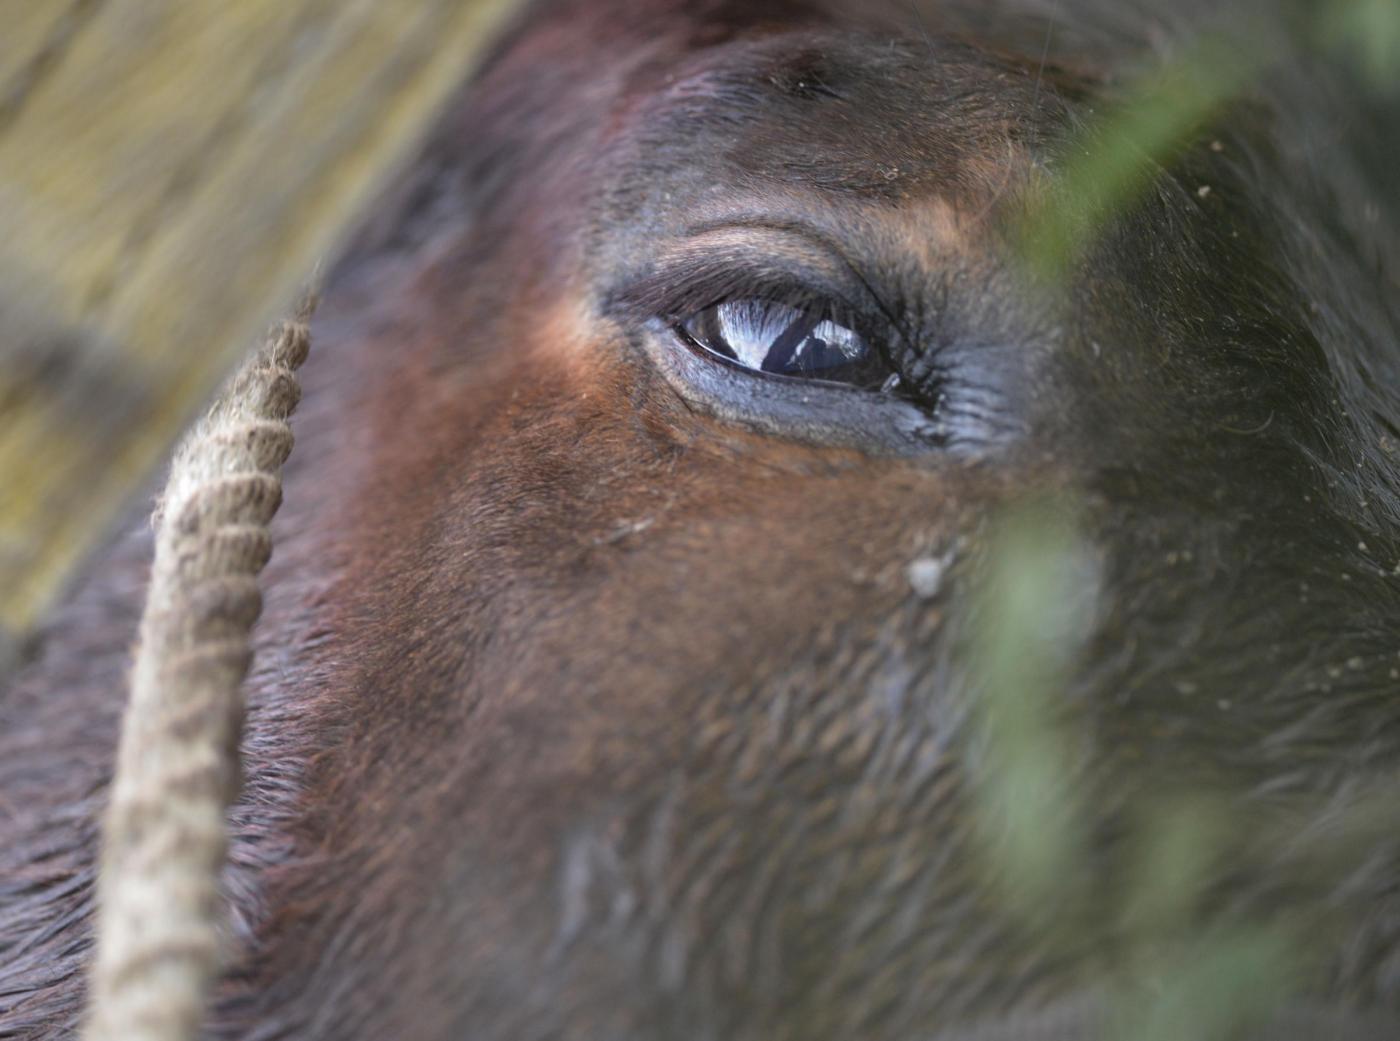 Roma: Salvataggio cavallo nel fiume Aniene13